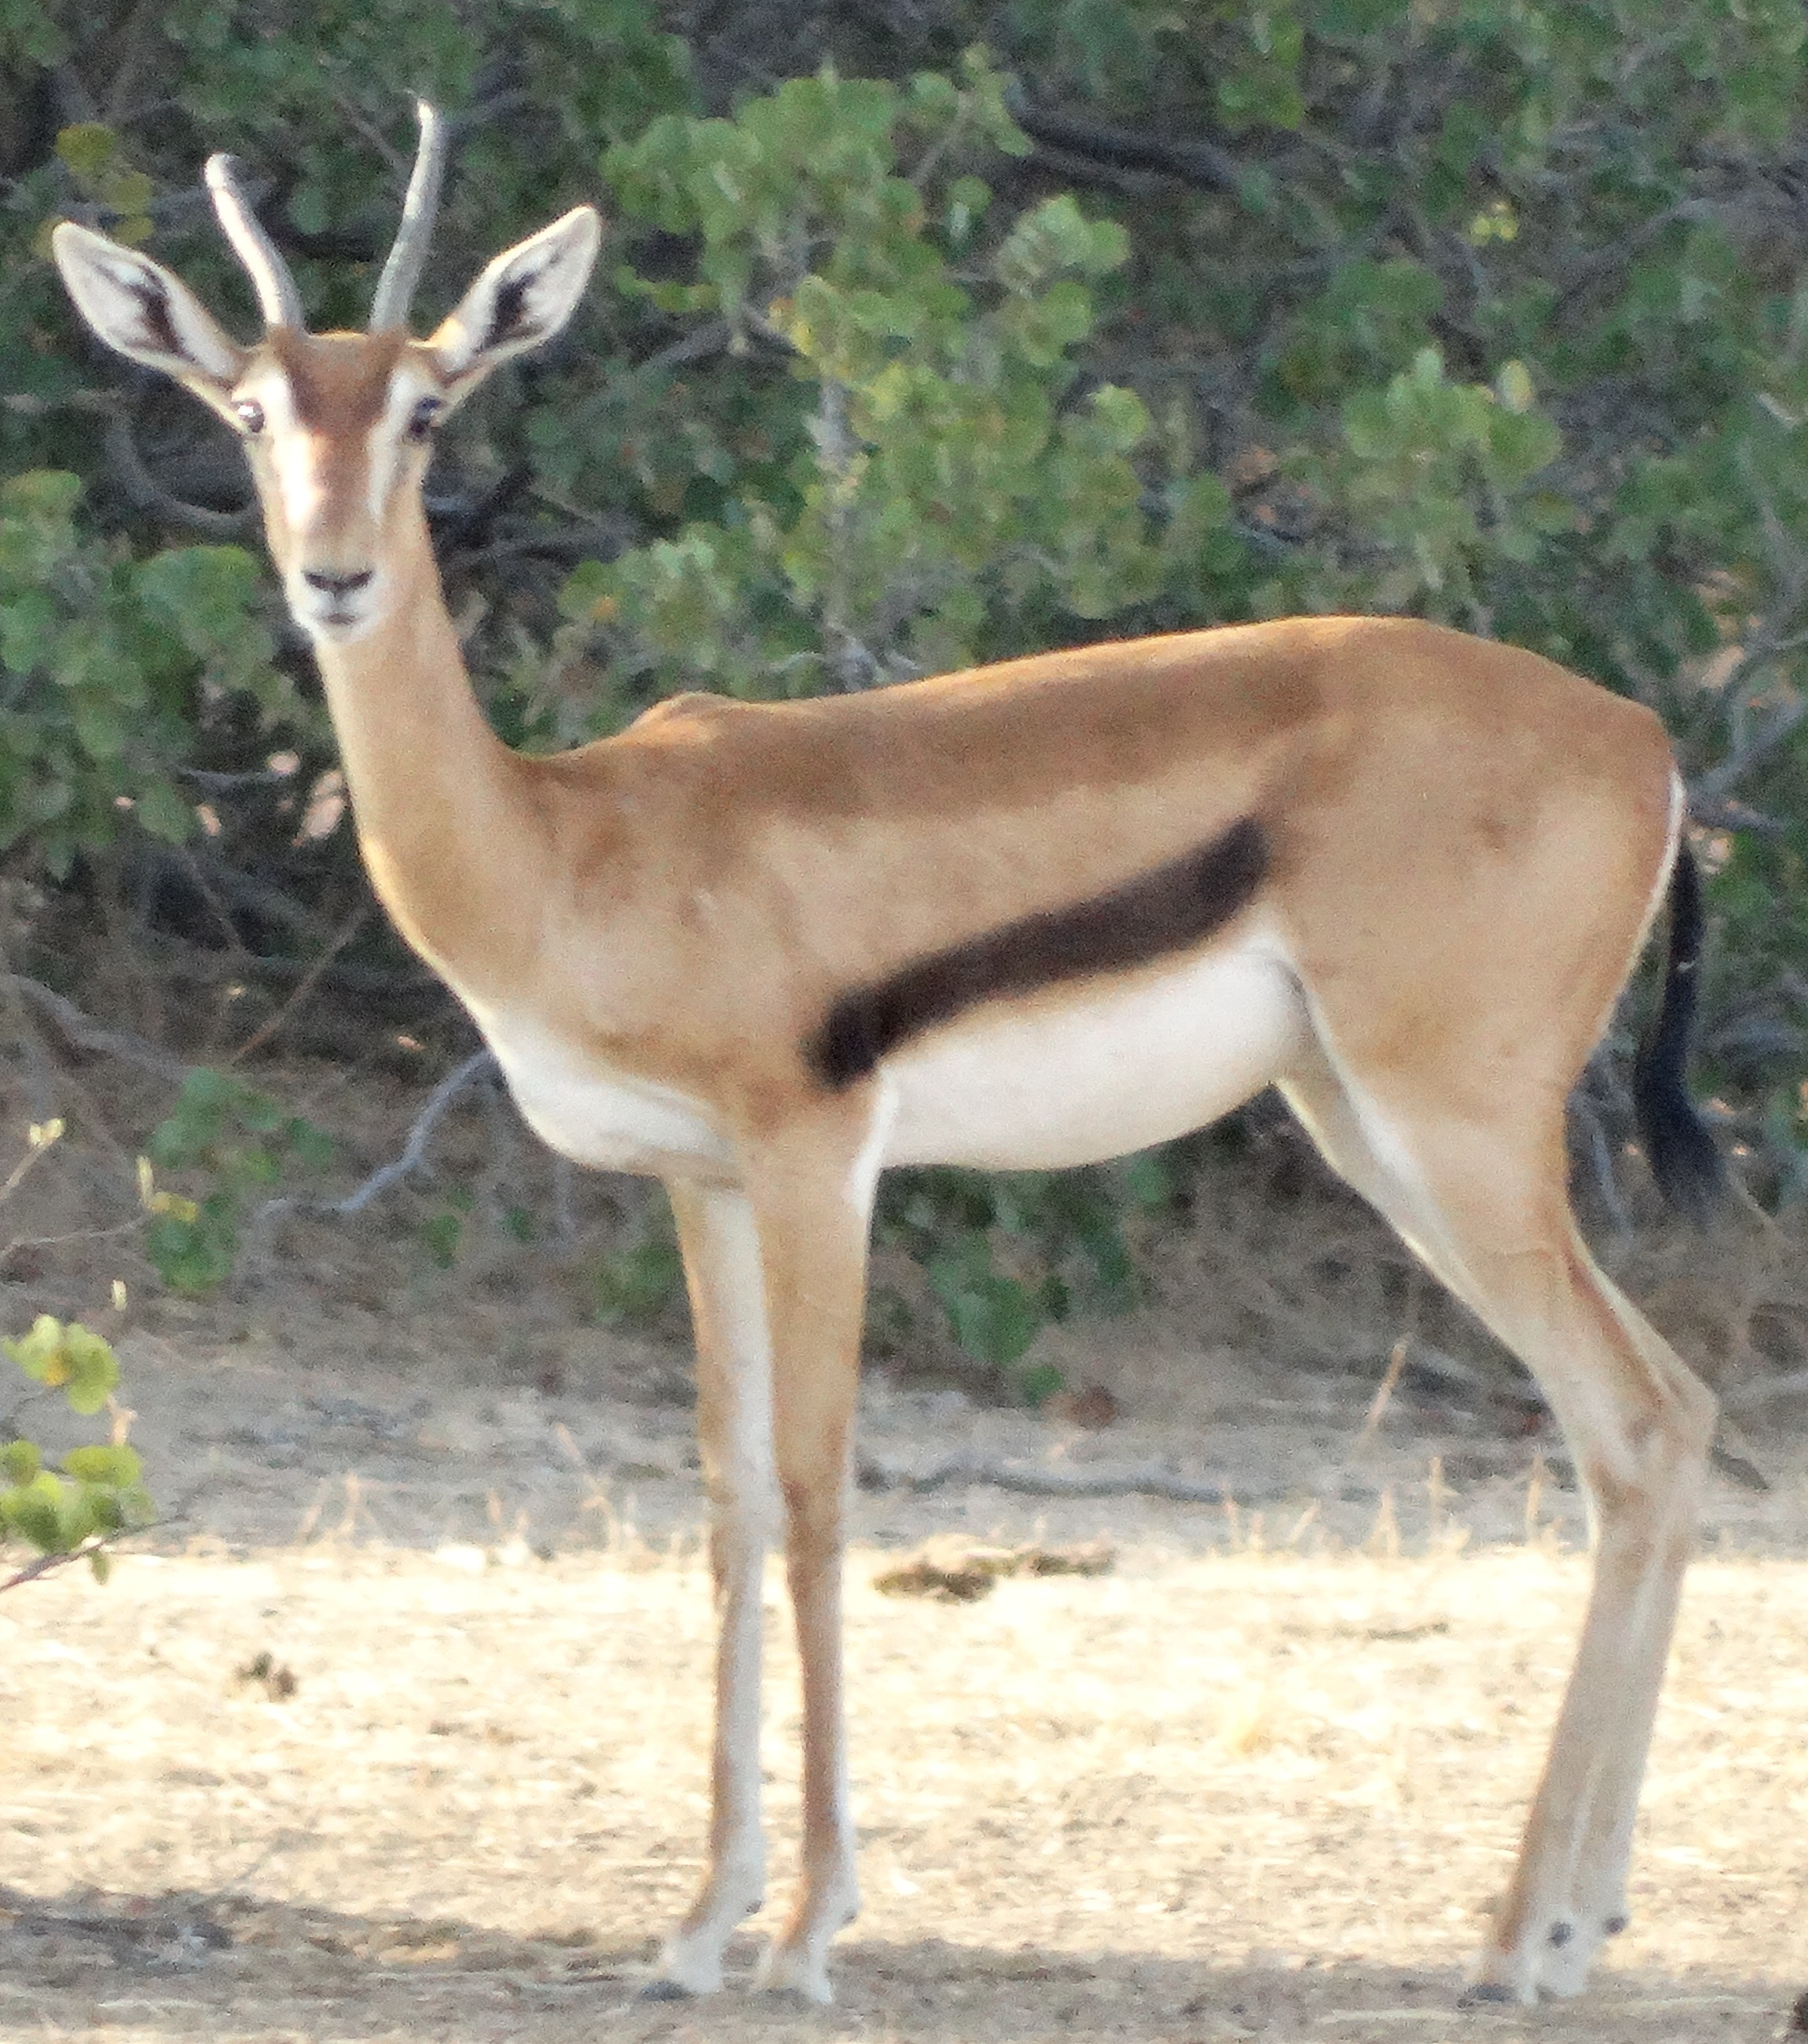 The Eritrean Gazelle (Eudorcas tilonura)